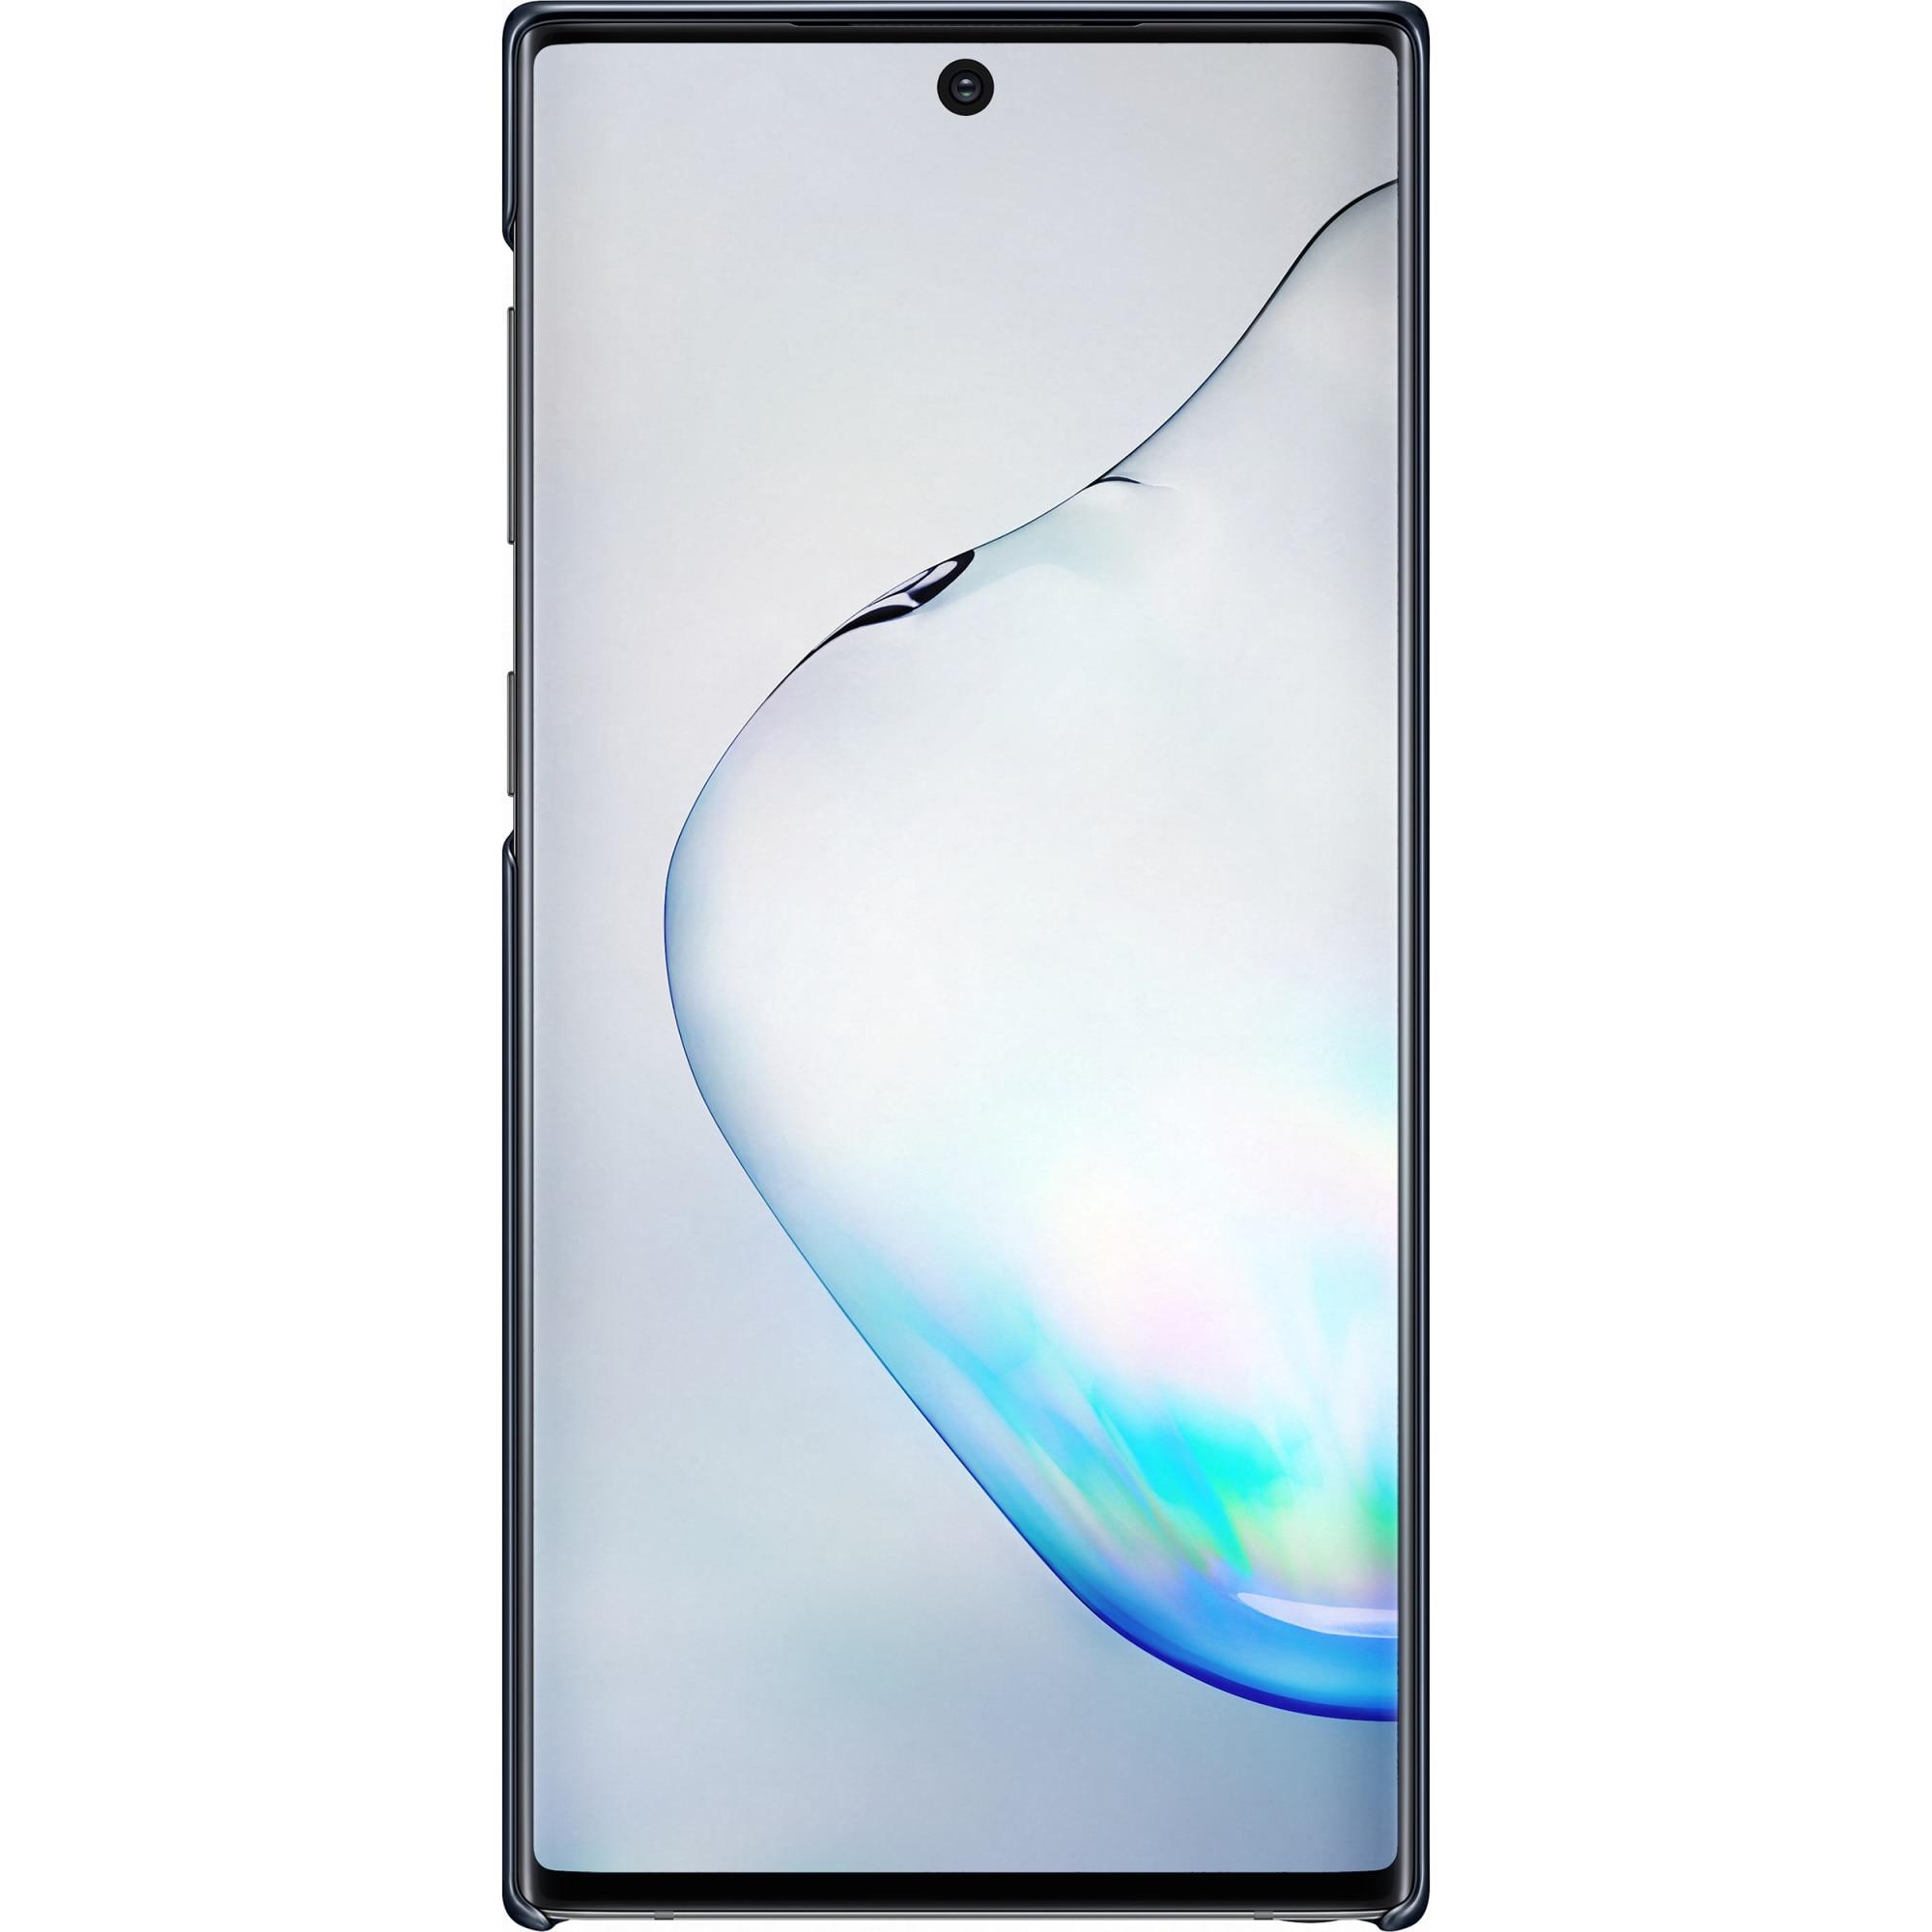 Fotografie Husa de protectie Samsung LED pentru Galaxy Note 10, Black